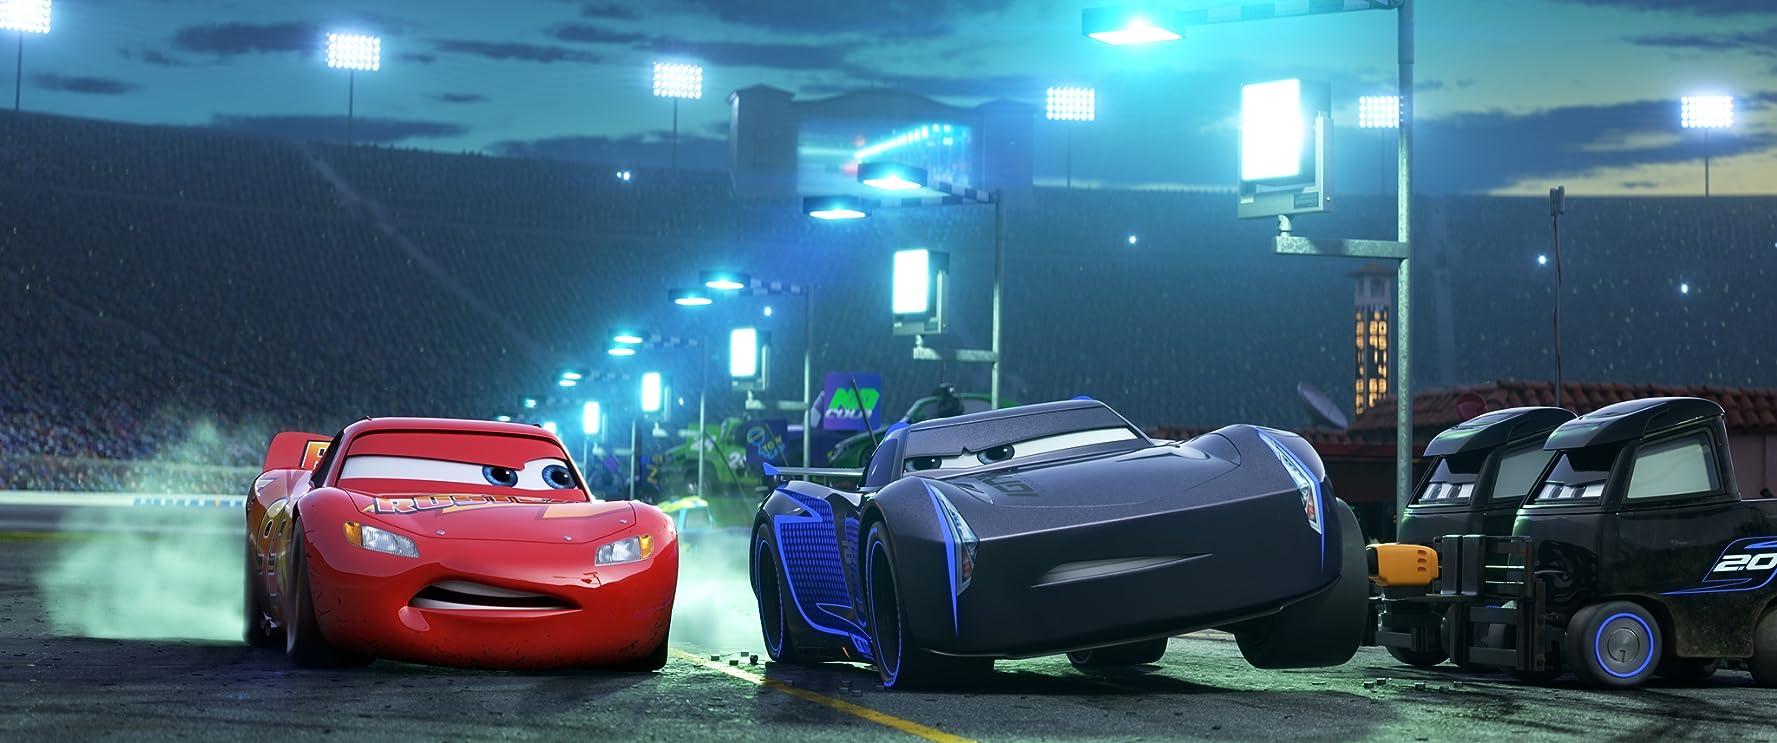 """REVIEW — """"Cars 3"""" – Critticks com"""